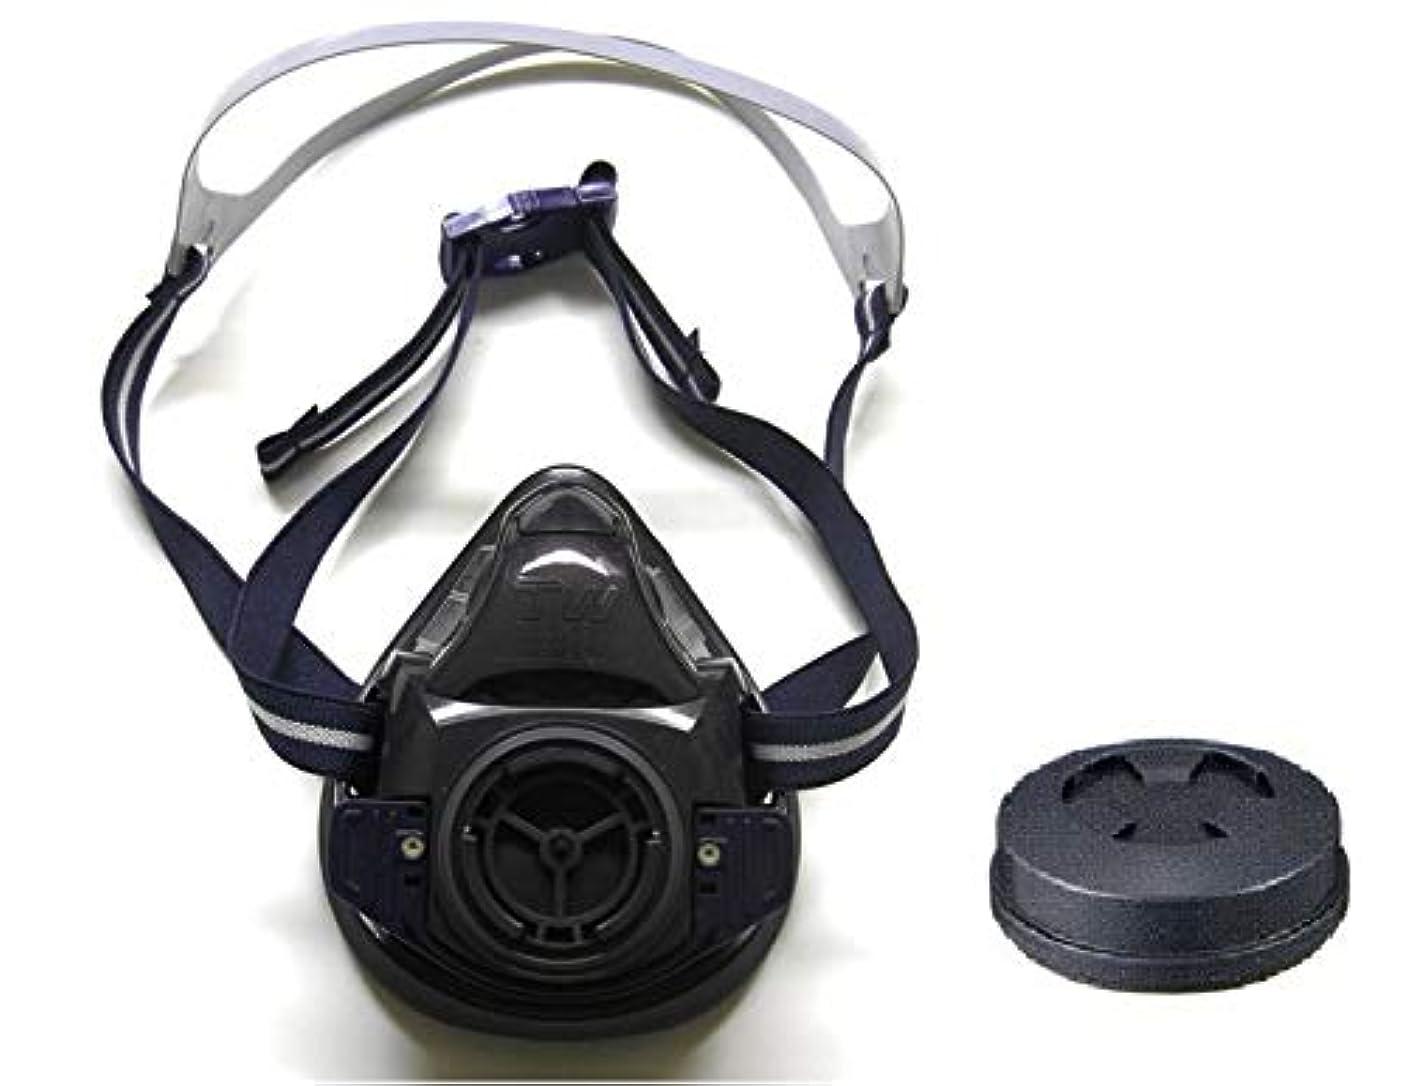 減少迅速受付シゲマツ 農薬散布用マスク TW01SC 黒 / T2フィルタ付 【水和剤?粉剤用】